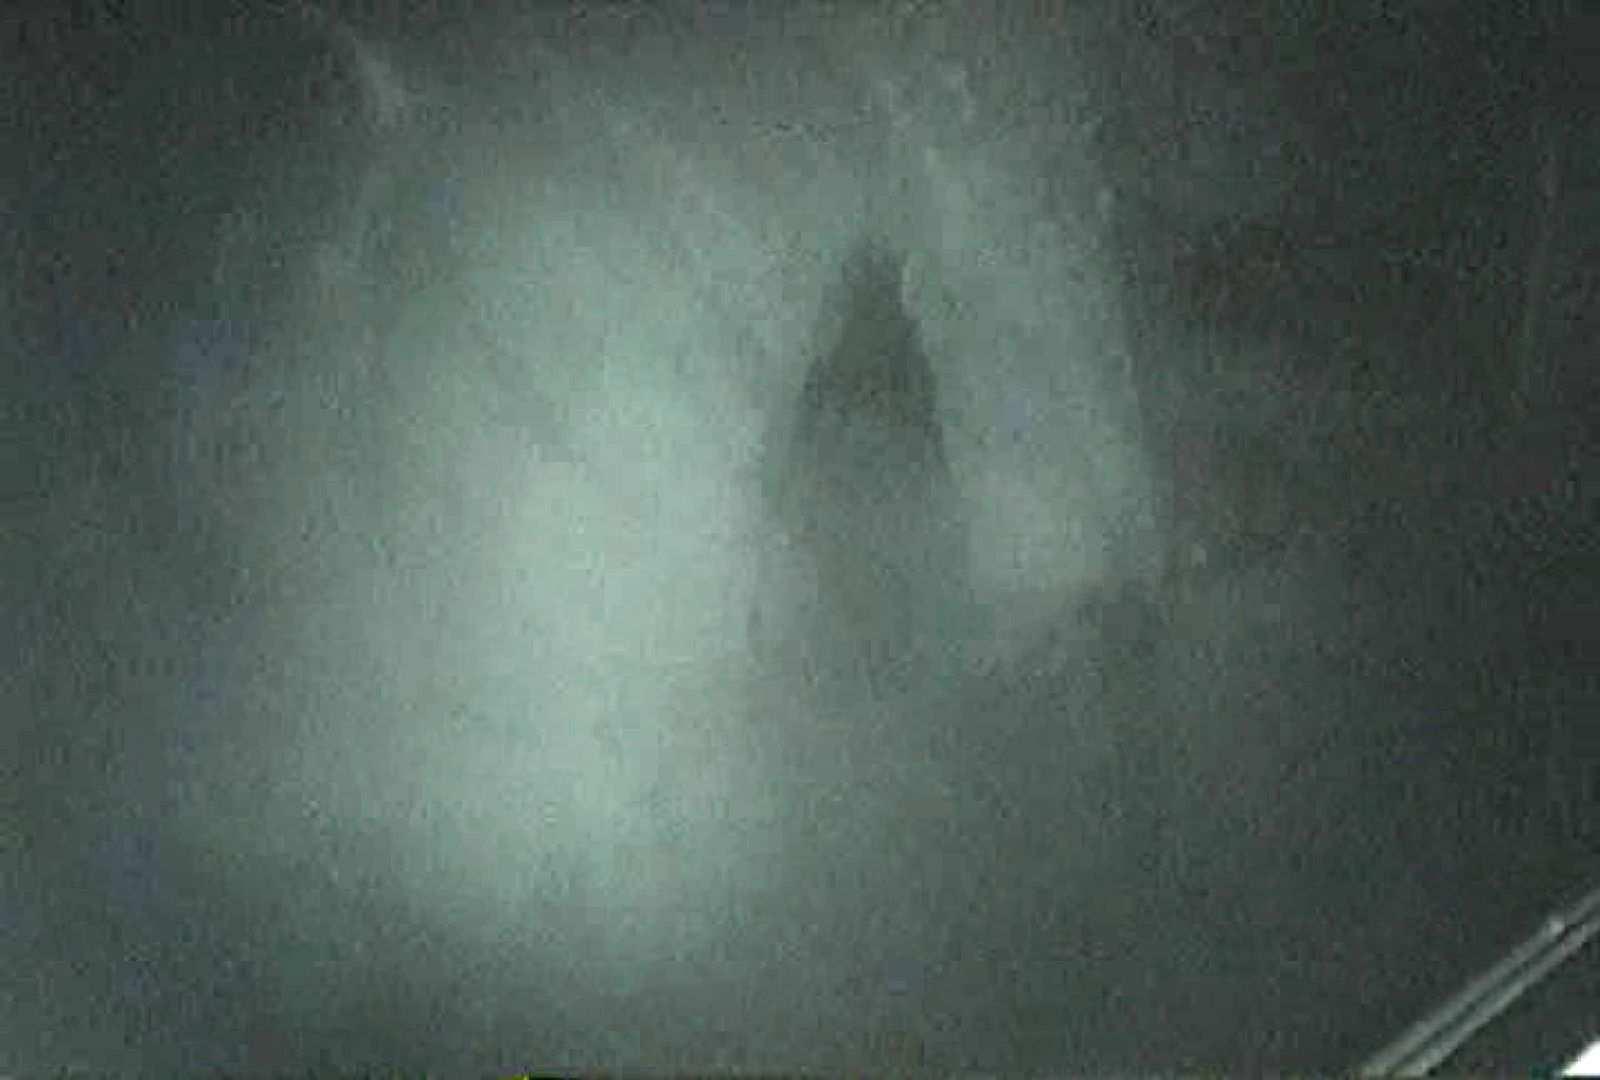 充血監督の深夜の運動会Vol.58 独身エッチOL   フェラ  91pic 84